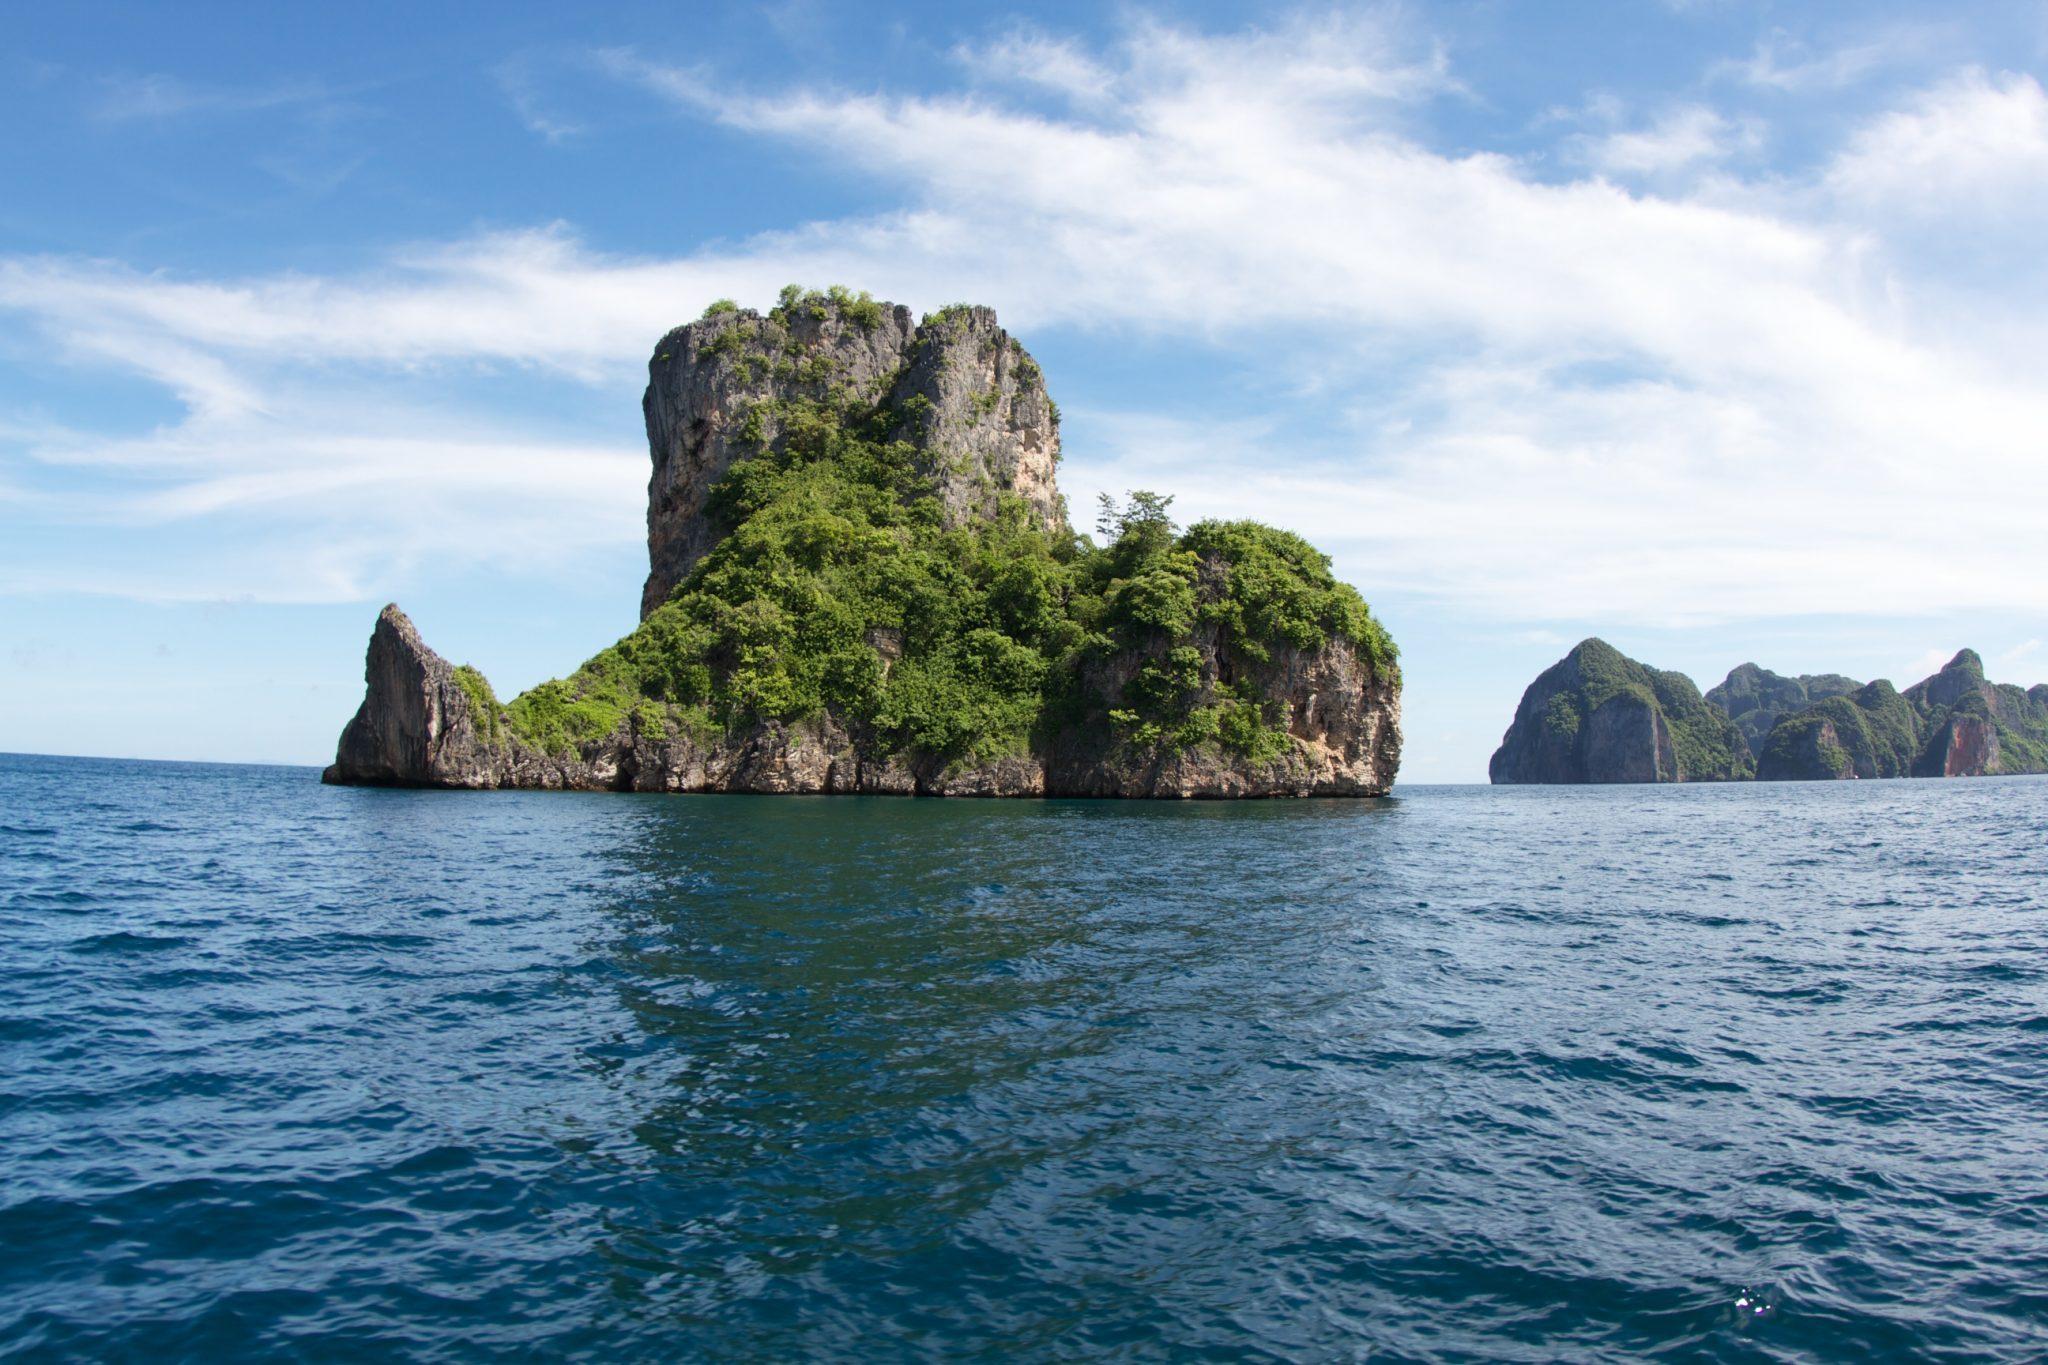 Bida Nai - Dive Sites - Koh Phi Phi - Diving